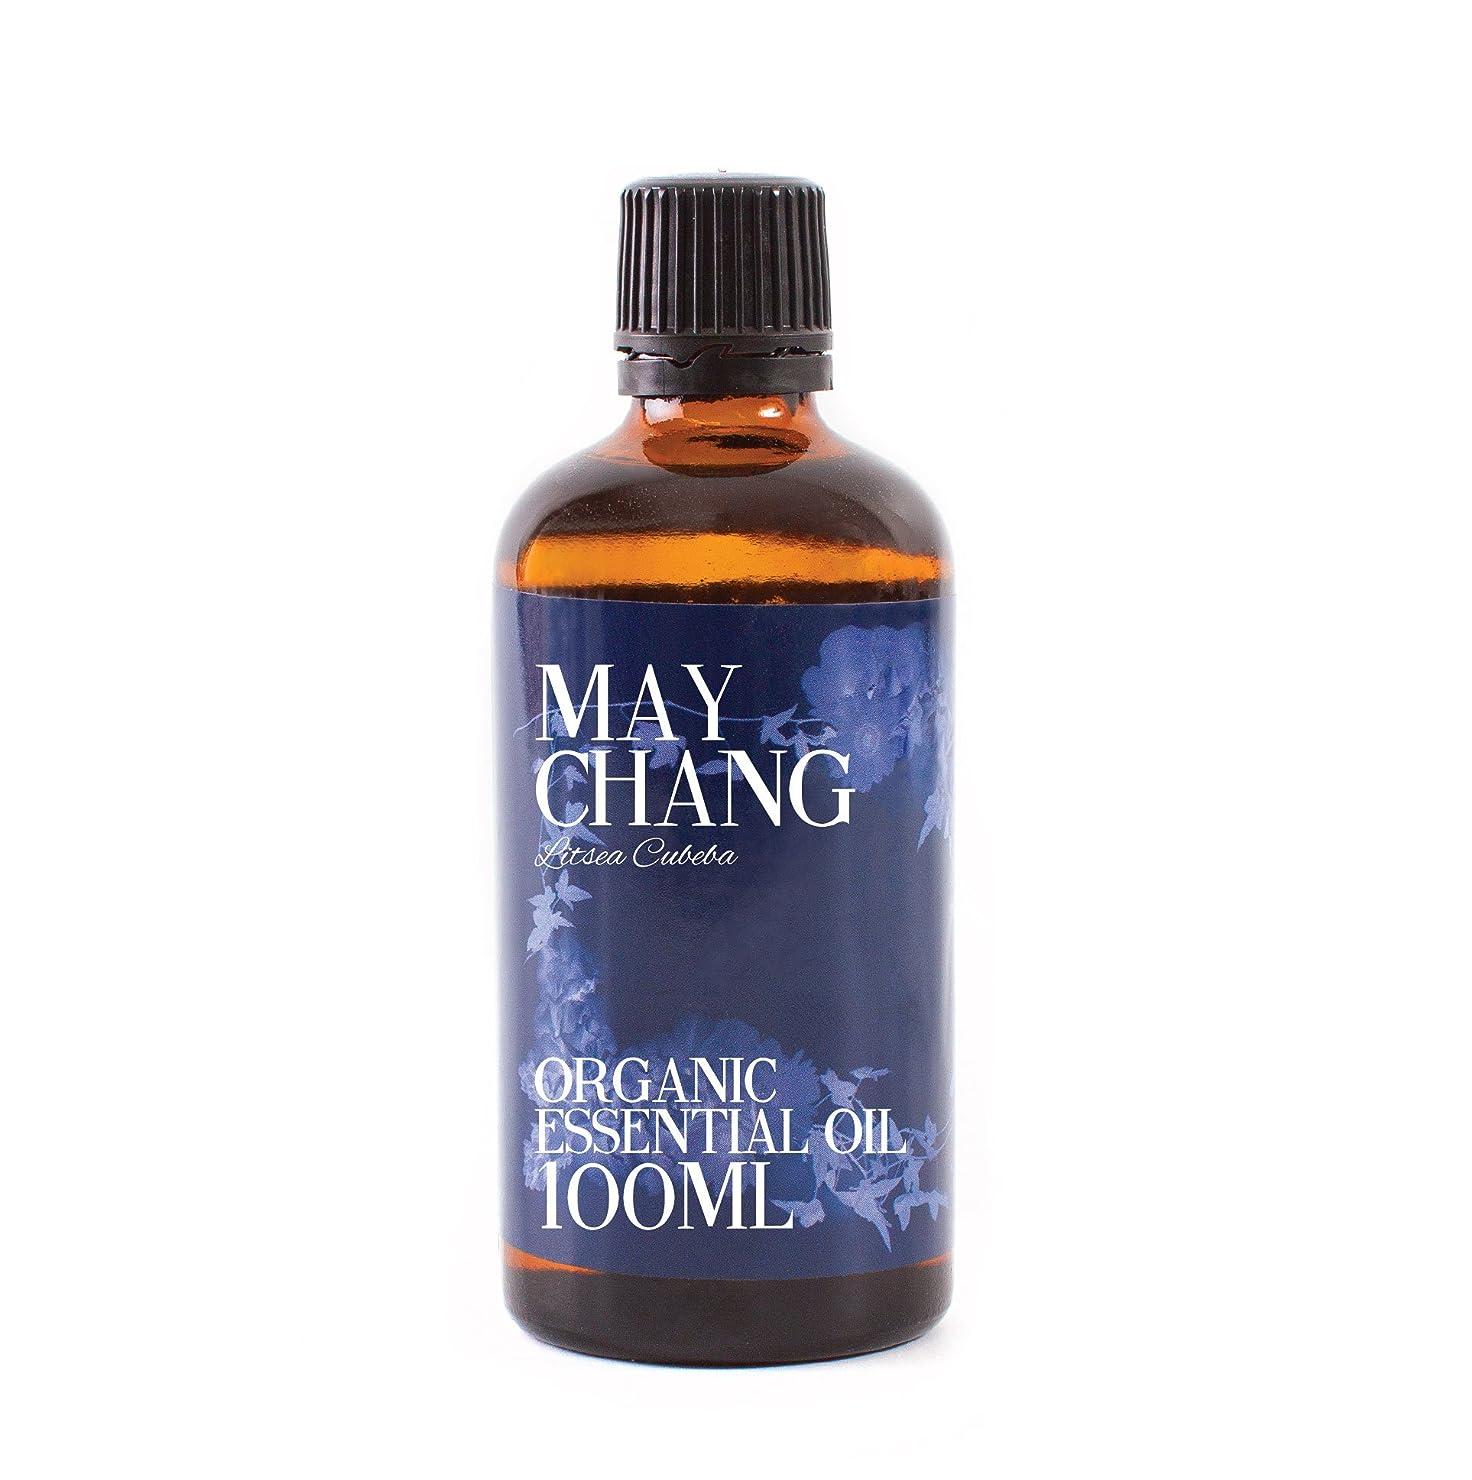 放映請願者姿勢Mystic Moments   Litsea Cubeba (May Chang) Organic Essential Oil - 100ml - 100% Pure